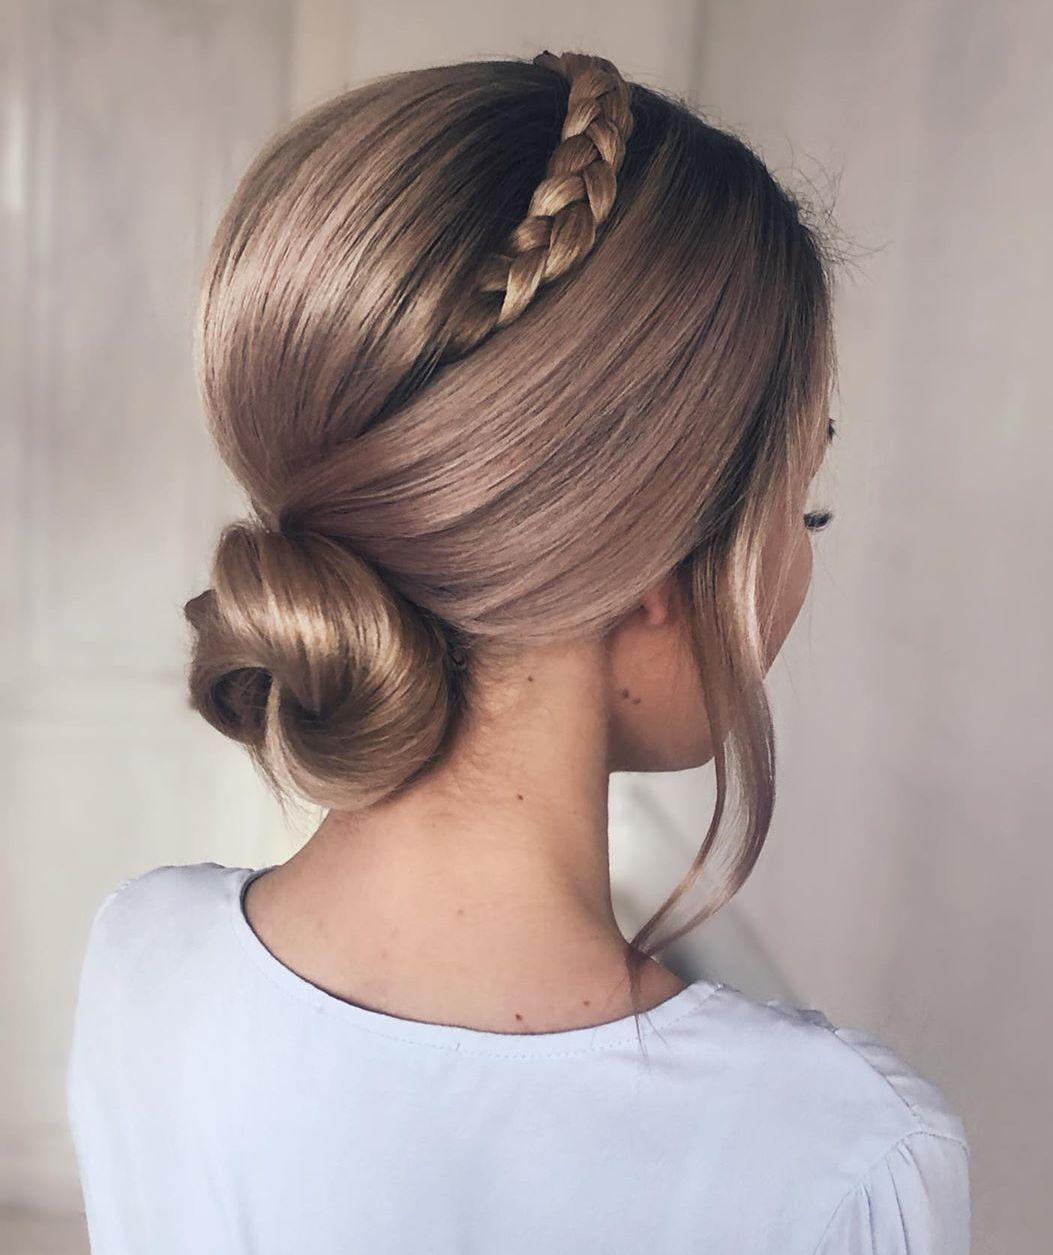 Bun Updo with a Braid for Medium Hair